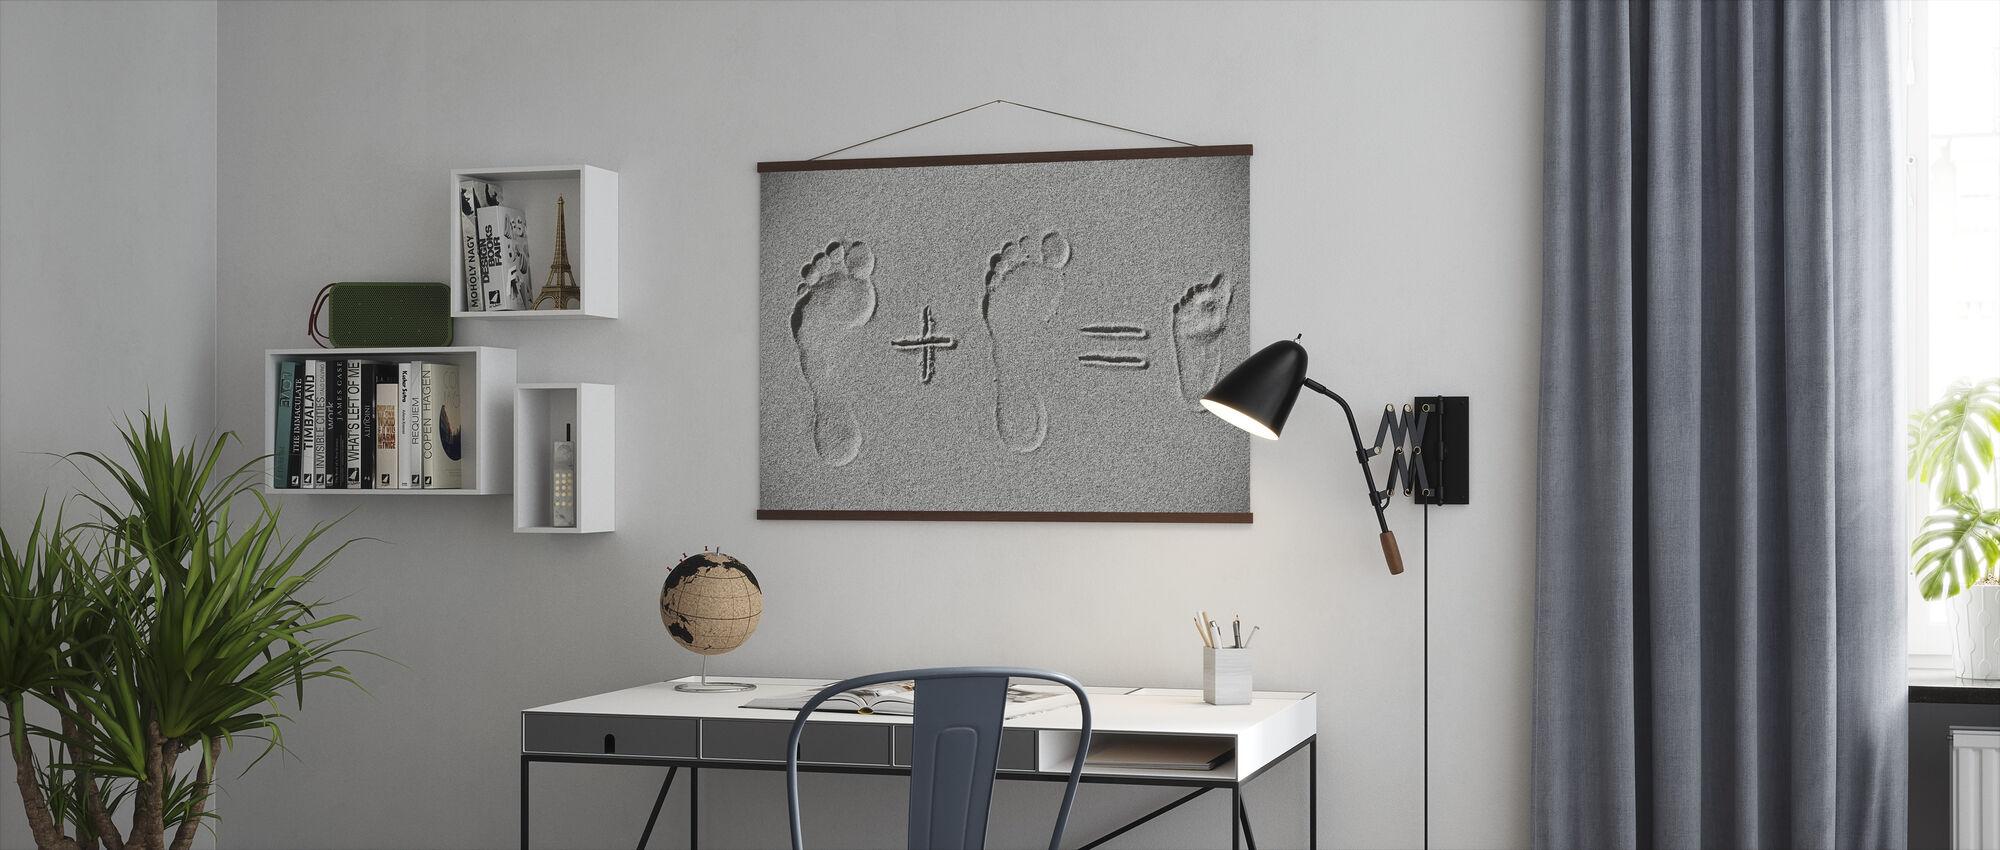 Sand aritmetikk - Plakat - Kontor